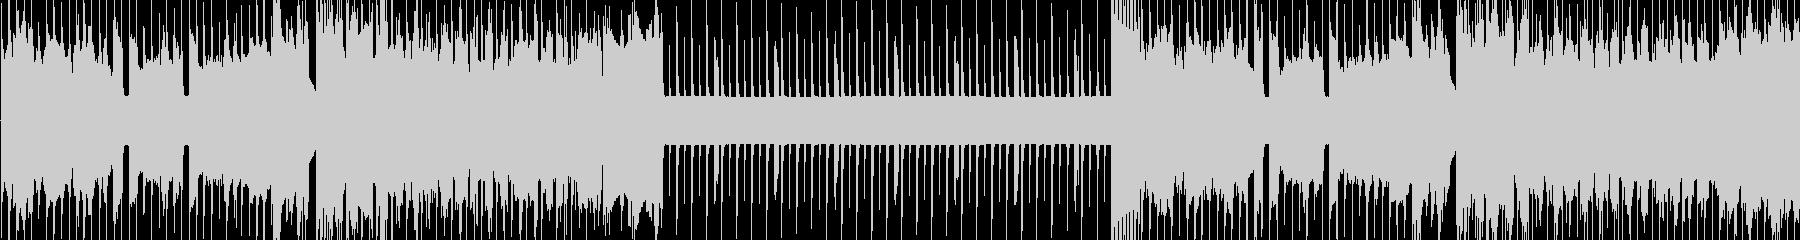 8bit戦闘BGM【ループ】の未再生の波形